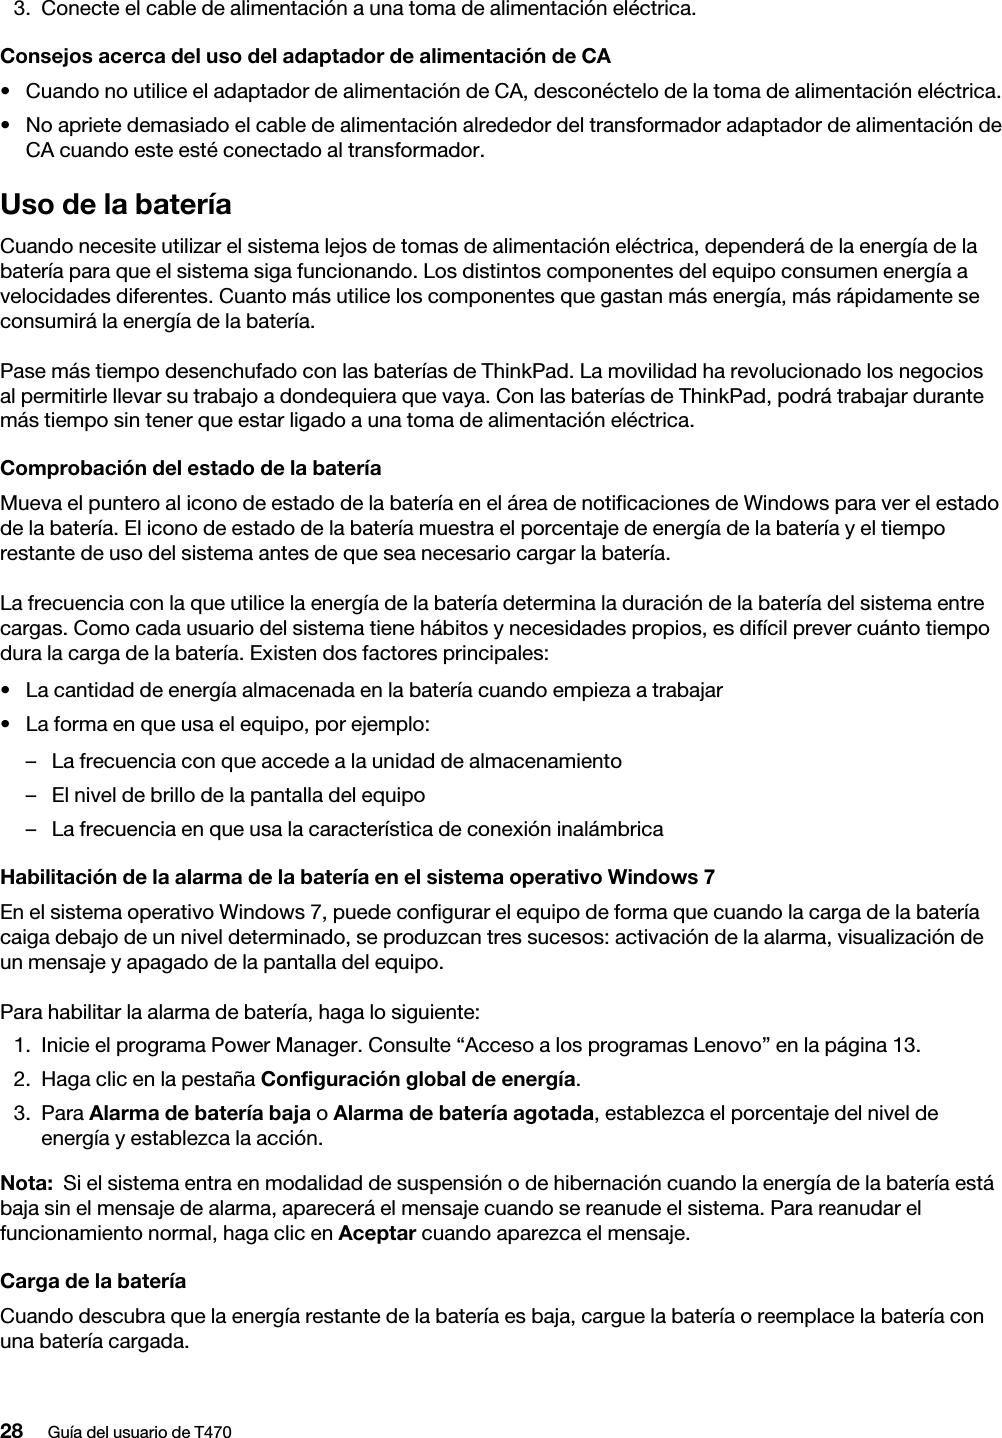 Excepcional Analista De Negocios Reanudar Muestras Ideas - Colección ...